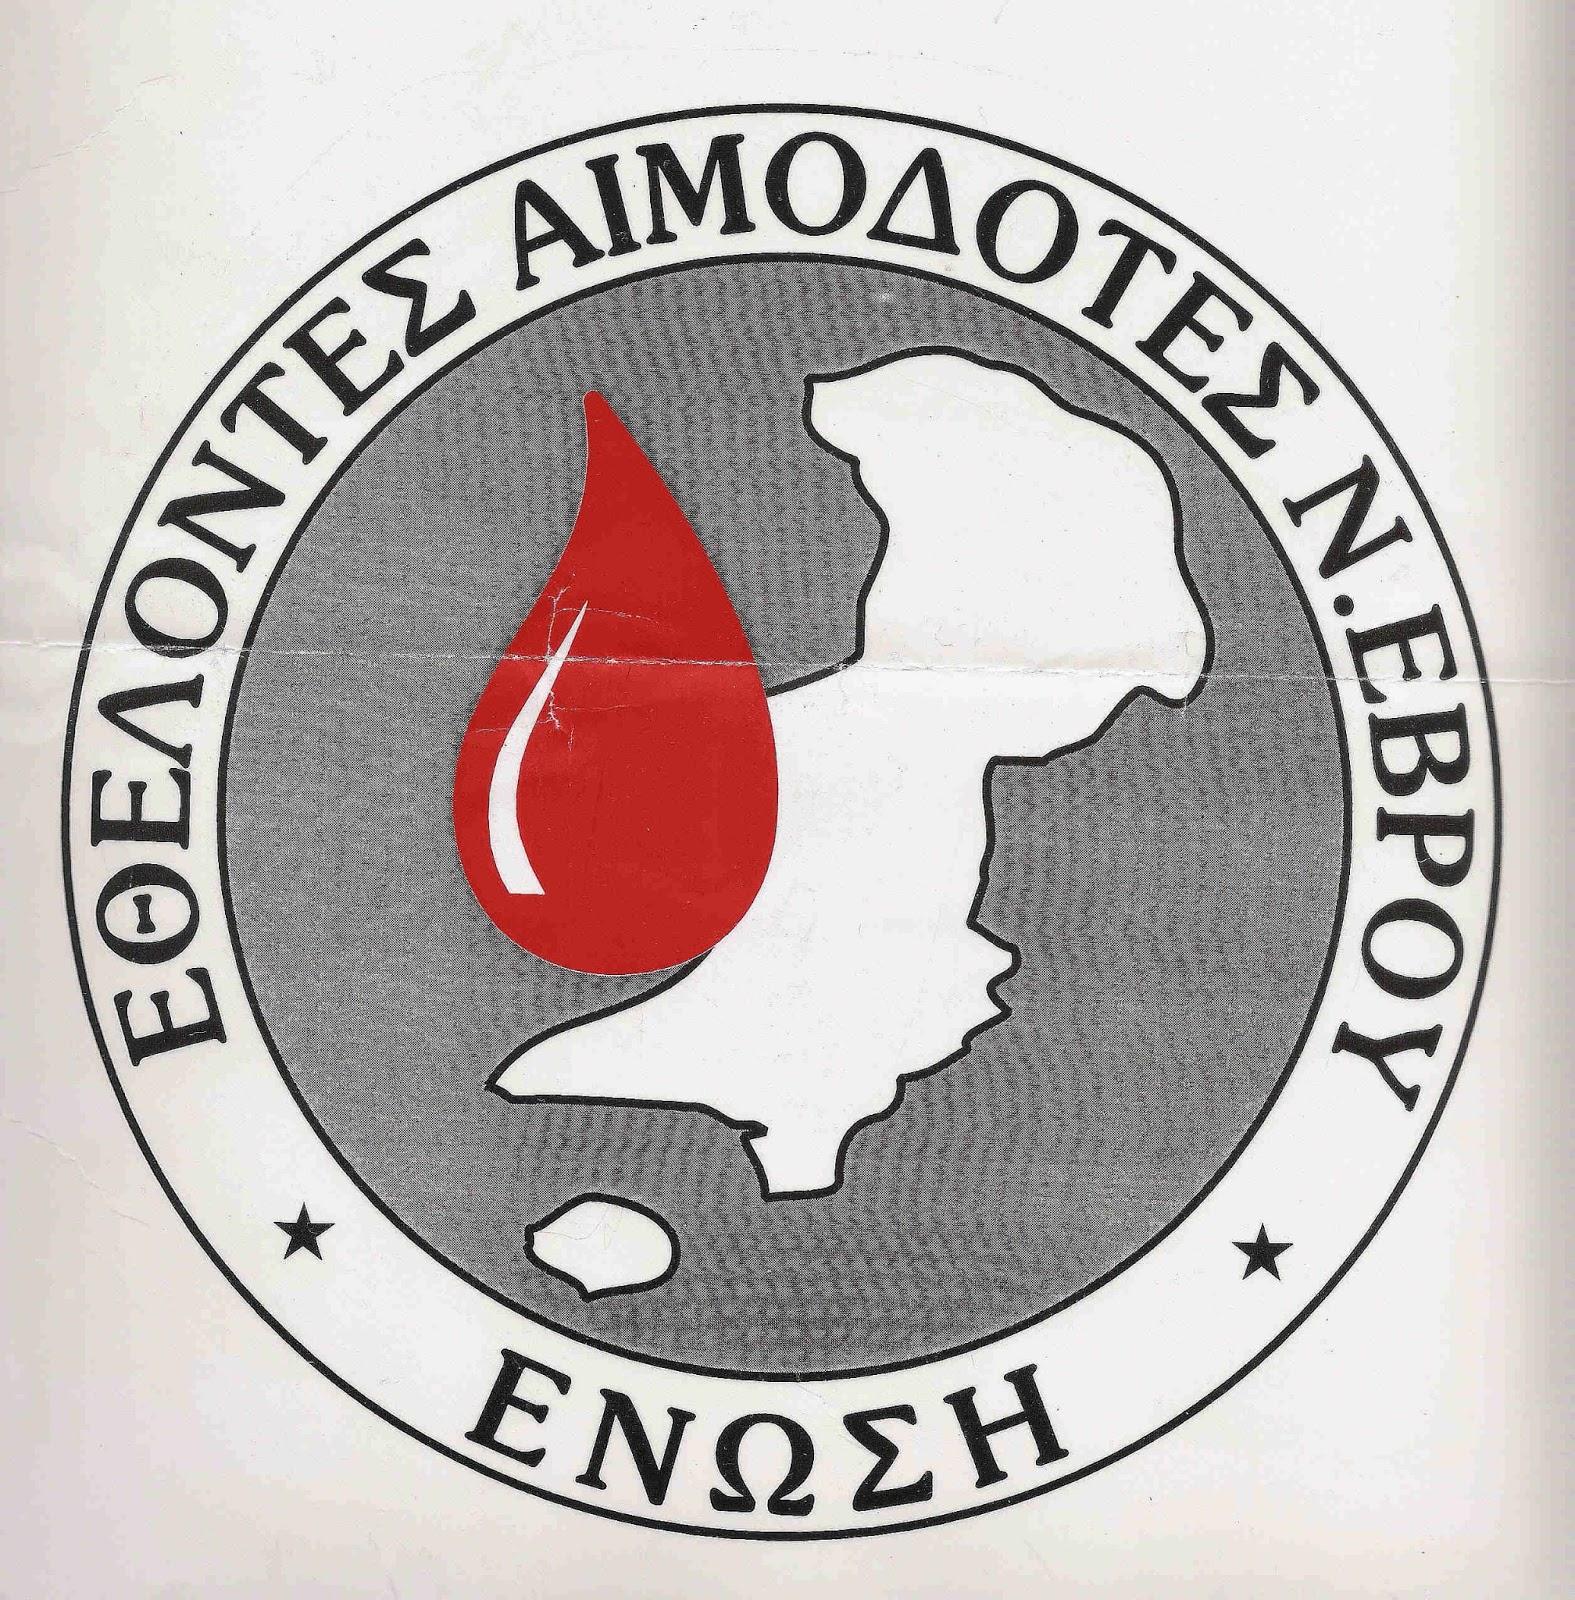 Διδυμότειχο: Εκδηλώσεις Συλλόγου Αιμοδοτών